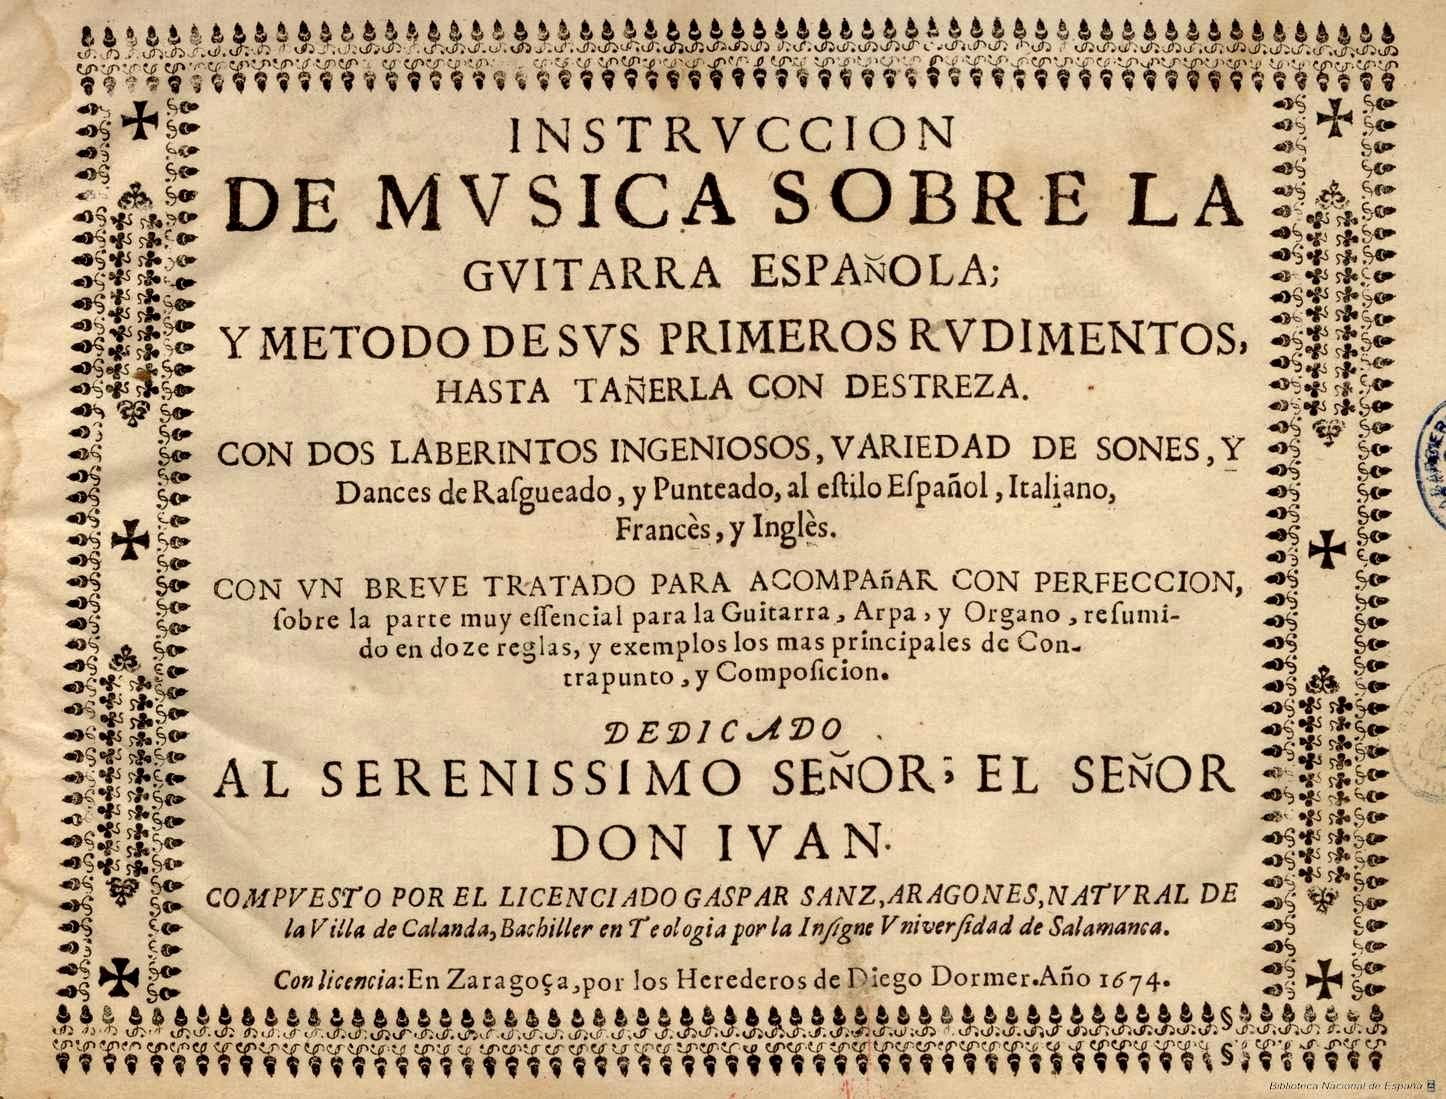 Gaspar Sanz, Instrucción de música sobre la guitarra española y método de sus primeros rudimentos, hasta tañerla con destreza, Zaragoza, hros. de Diego Dormer, 1674.